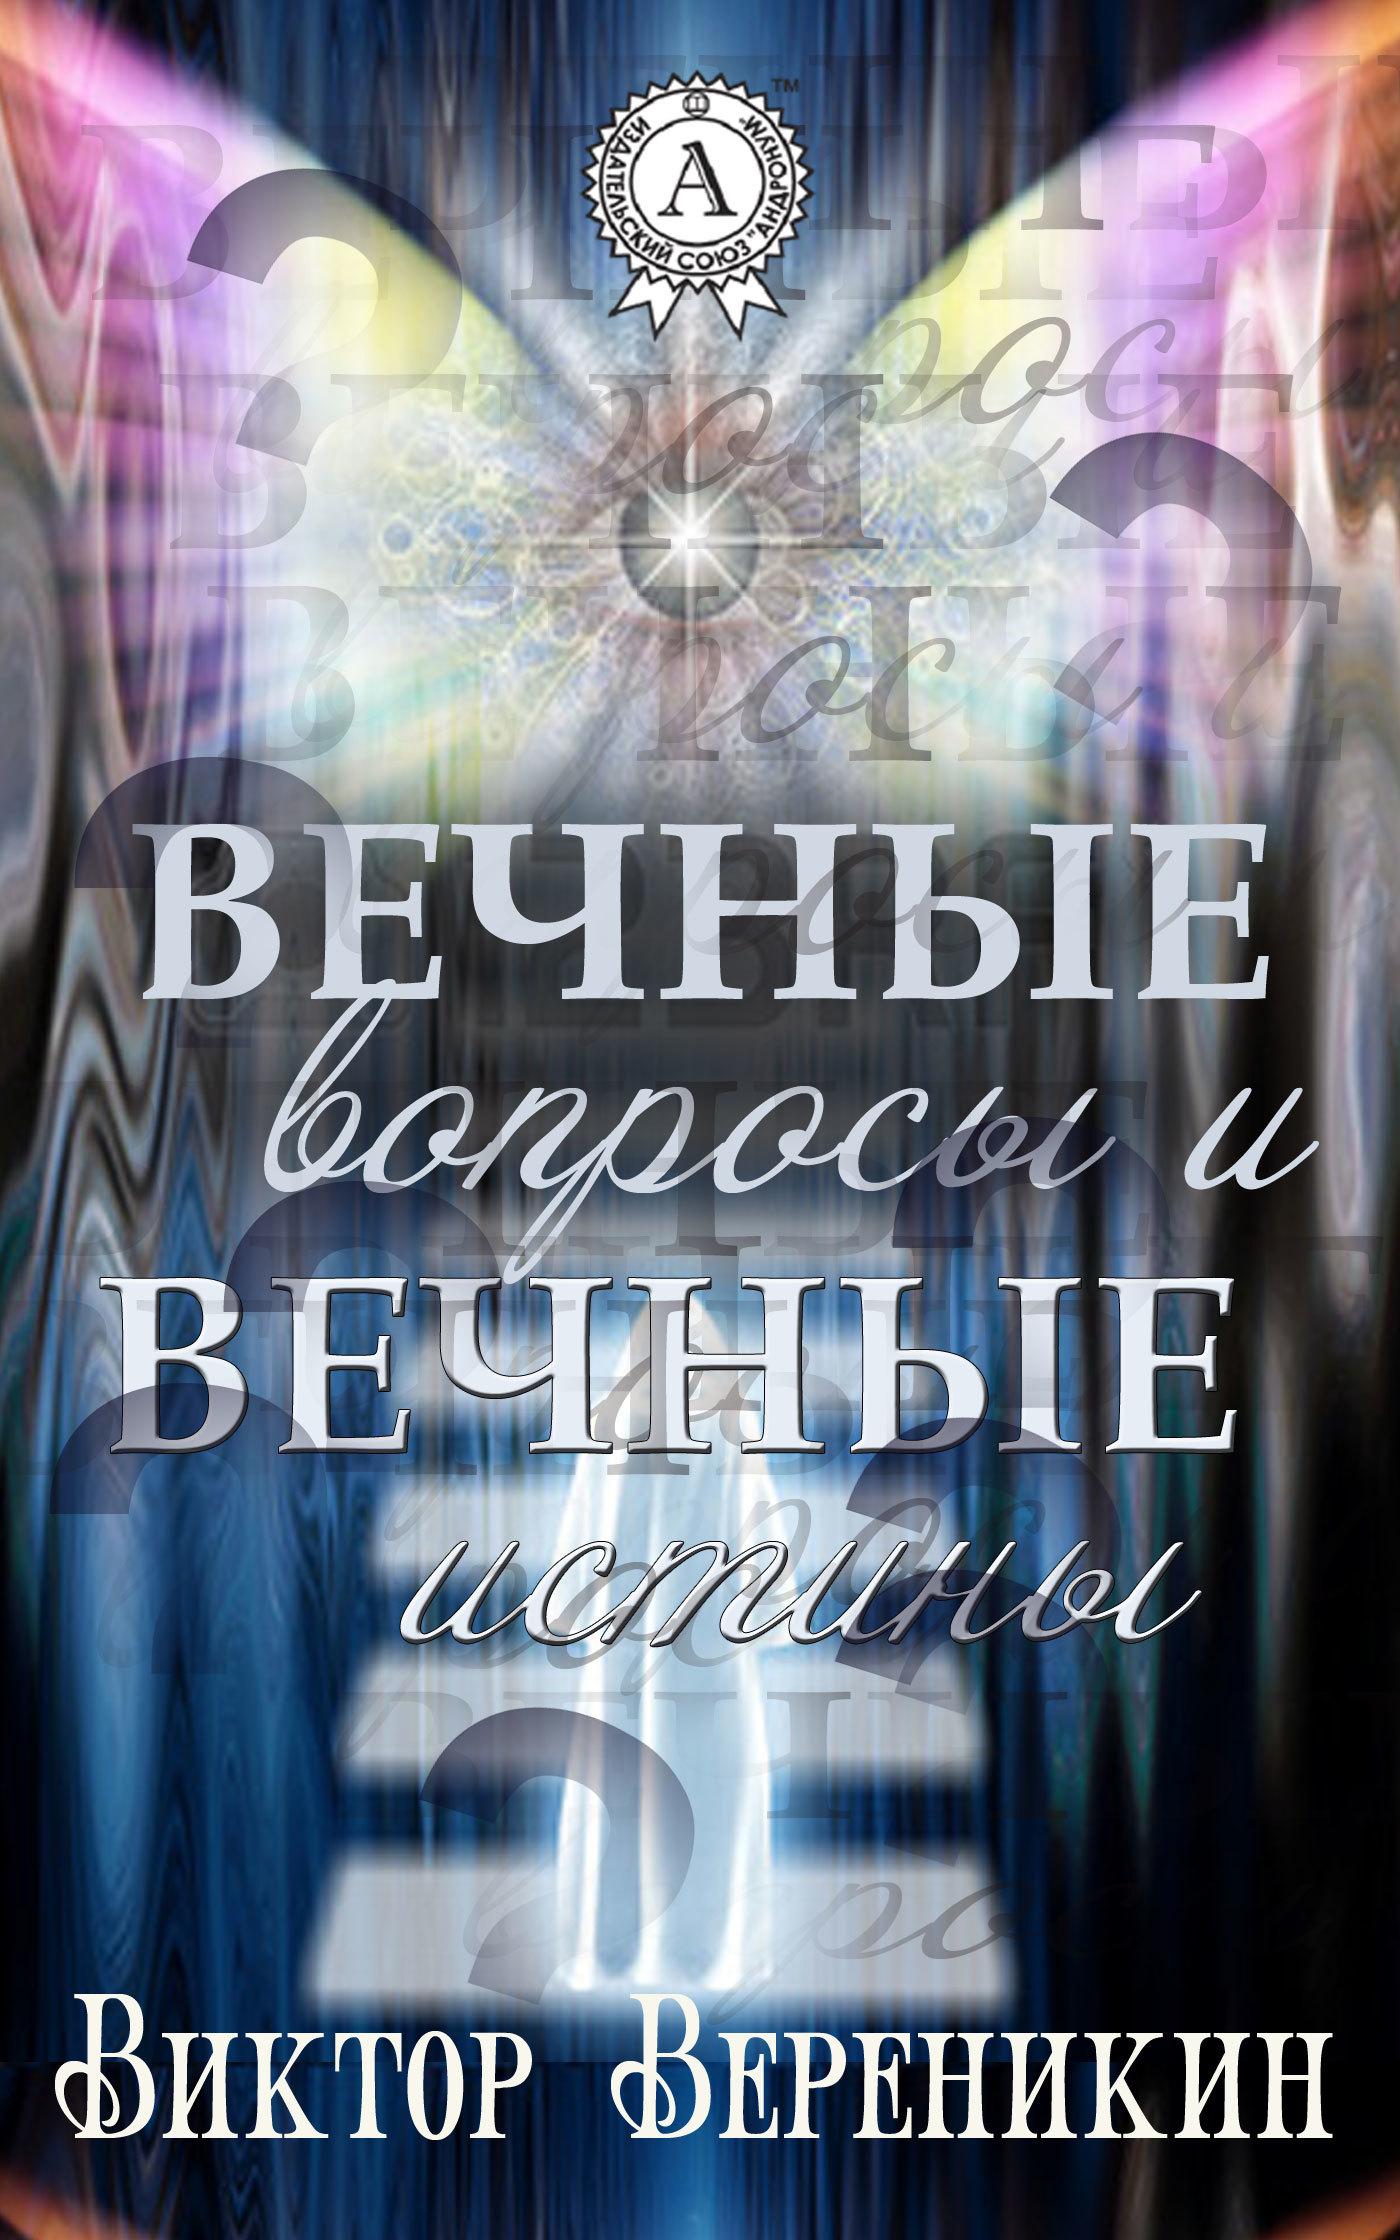 Виктор Вереникин Вечные вопросы и вечные истины